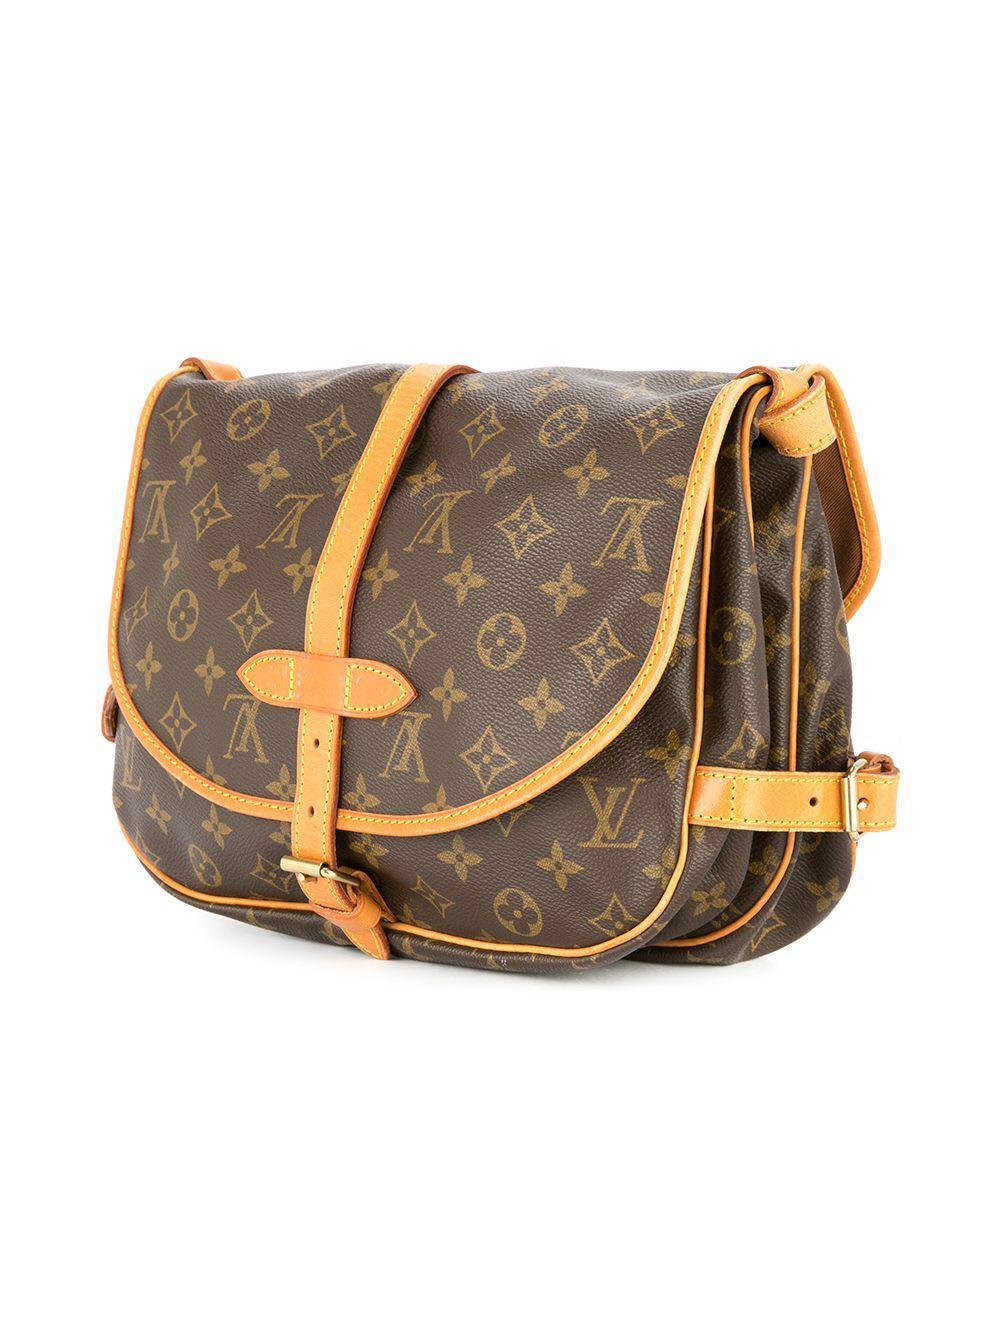 LV Louis Vuitton Saumur 30 Monogram Shoulder Bag (Authentic Vintage ... 08919ba3f0f9b